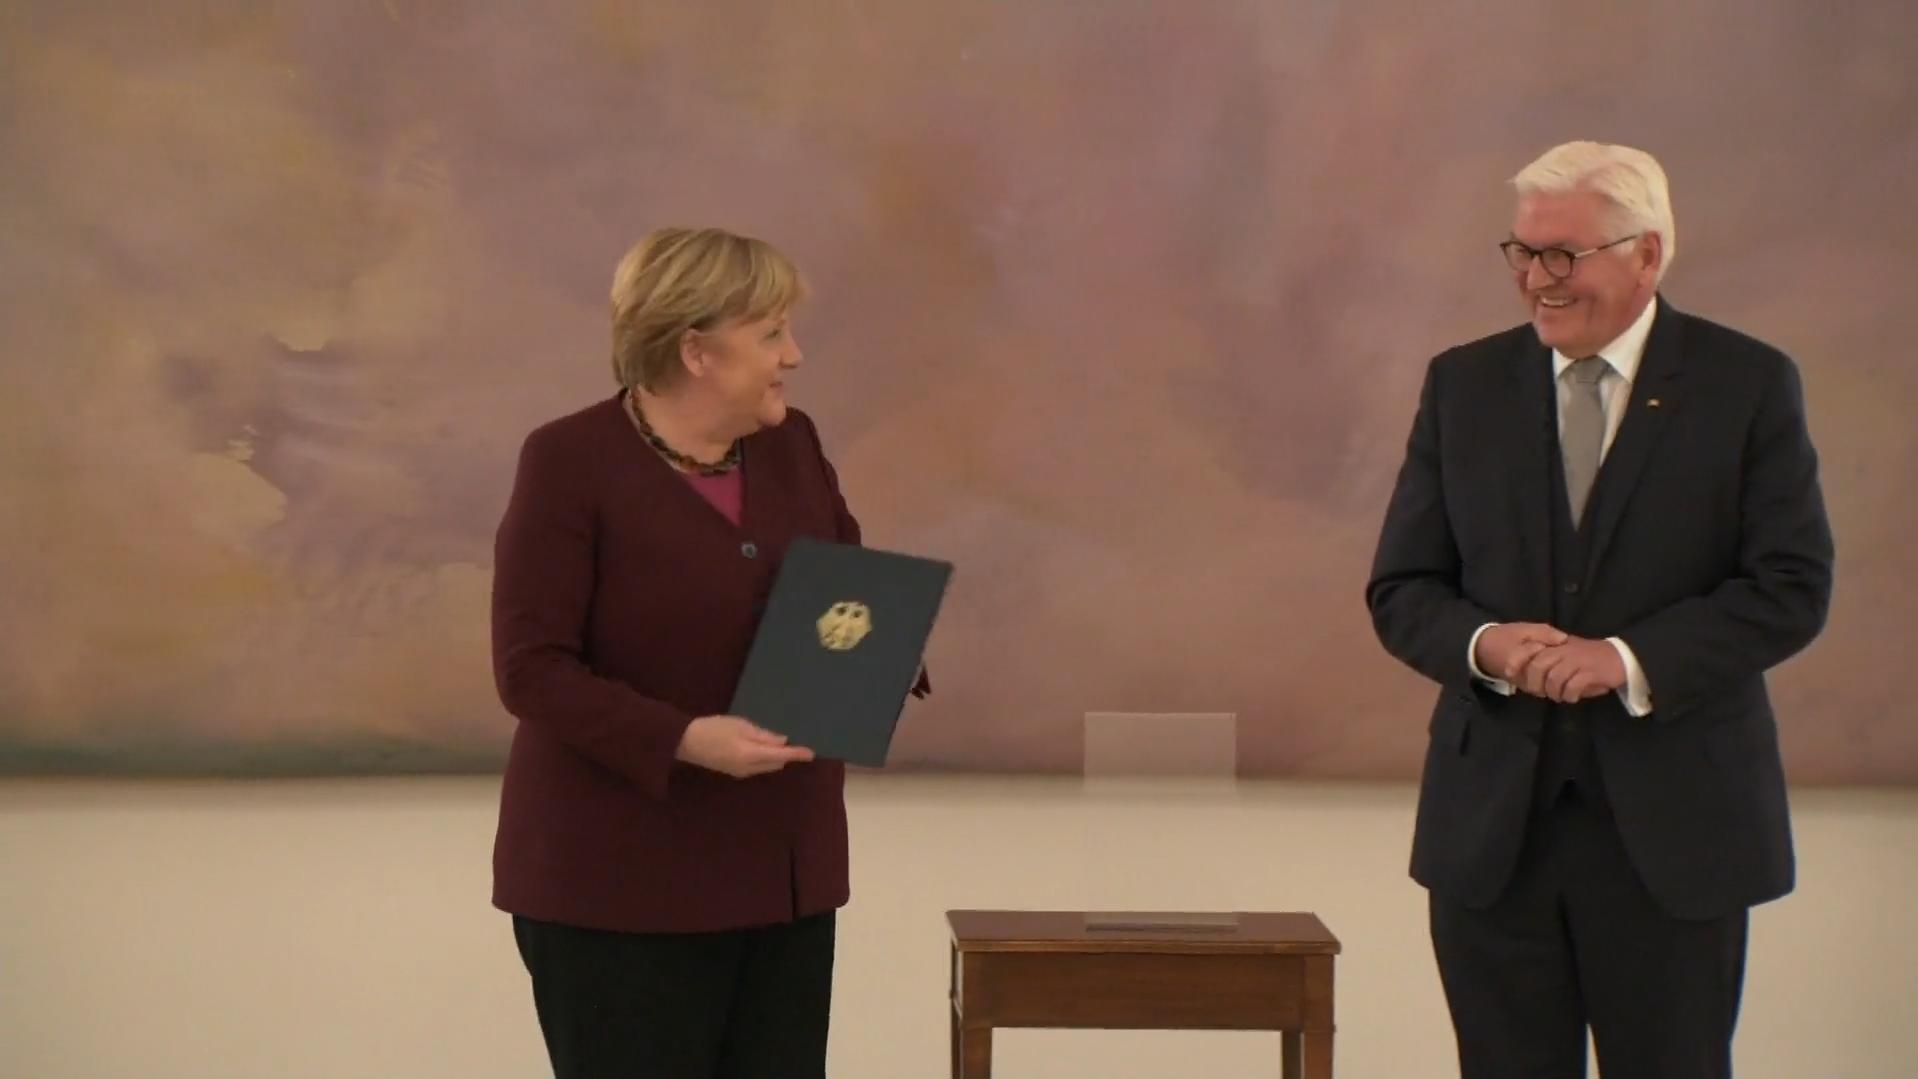 Angela Merkel: Zum Abschied einen Lacher! Hier witzelt die Kanzlerin bei ihrer Entlassung